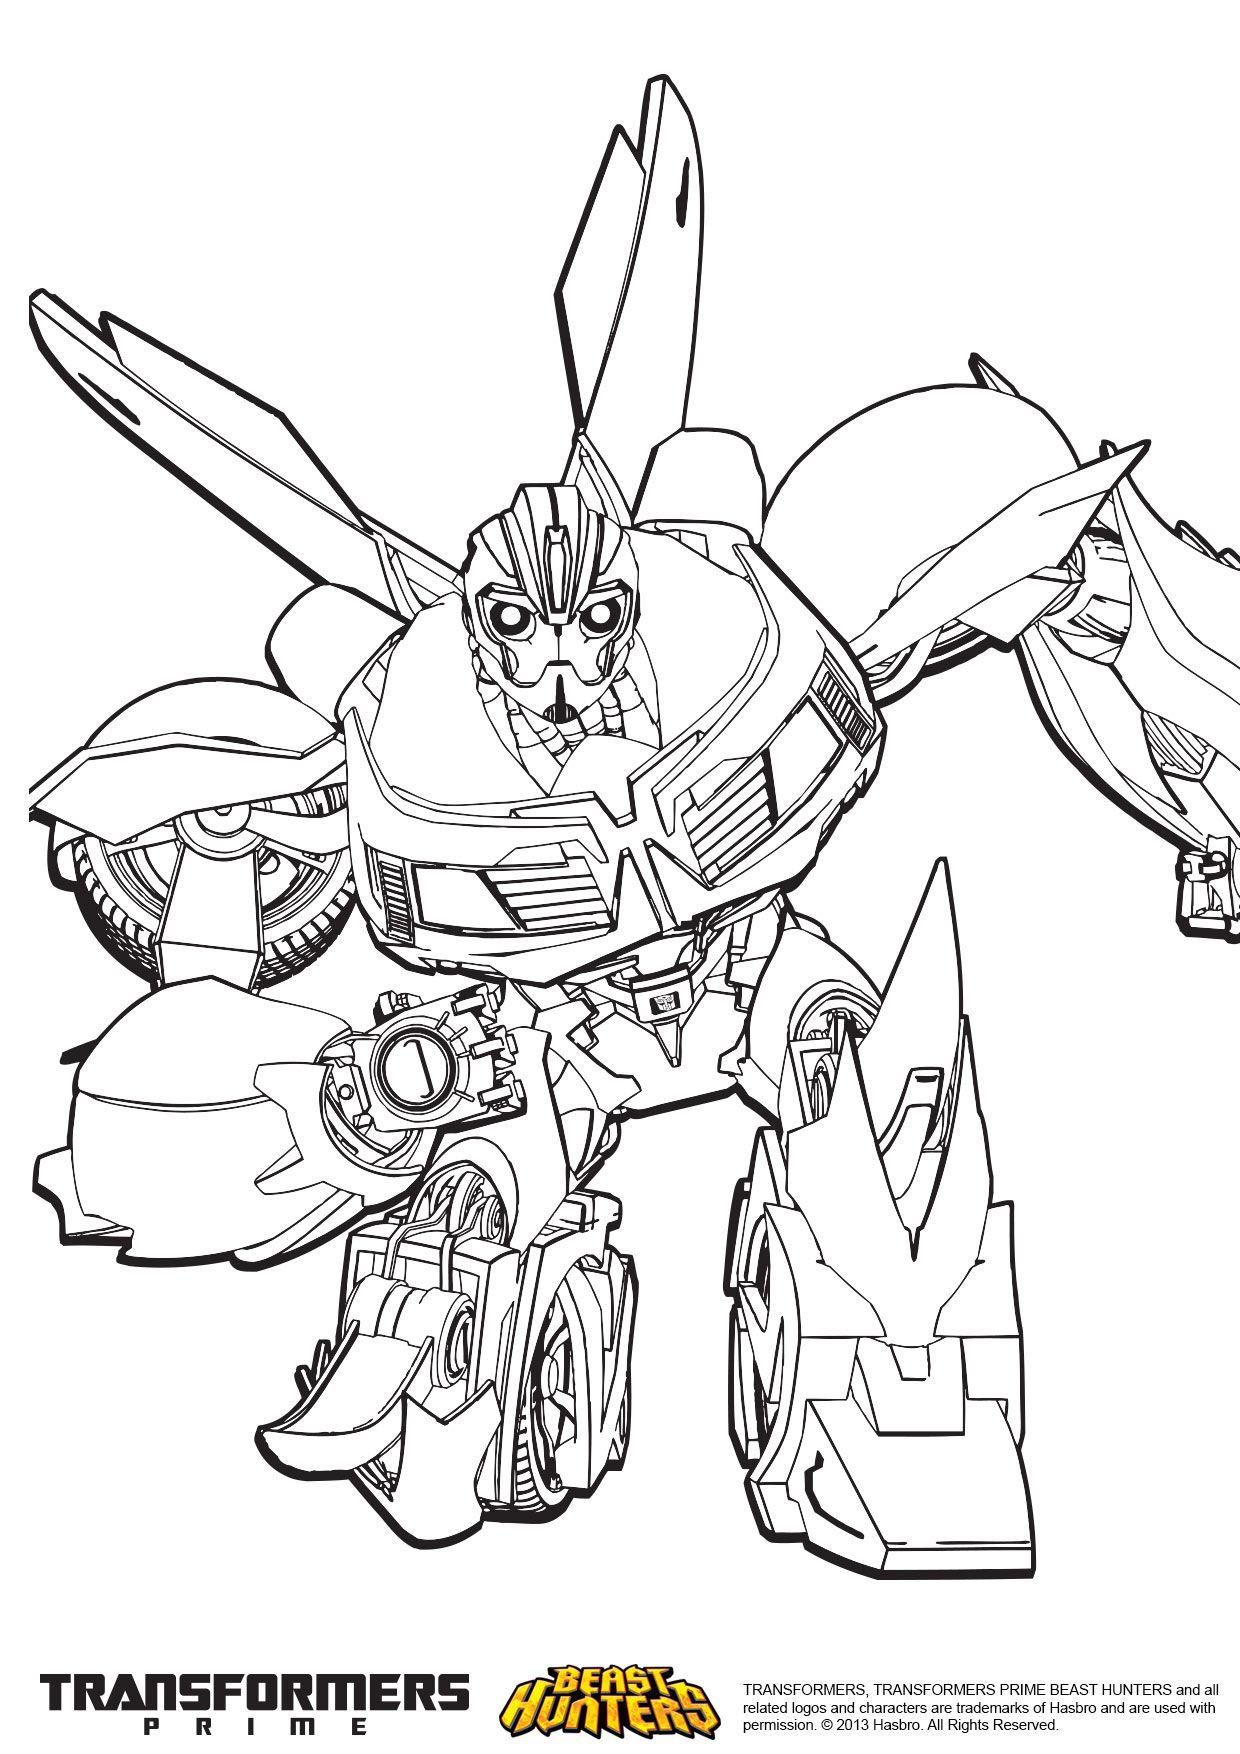 Transformers Prime Beast Hunters Bumblebee 4 Jpg 1240 1754 Bee